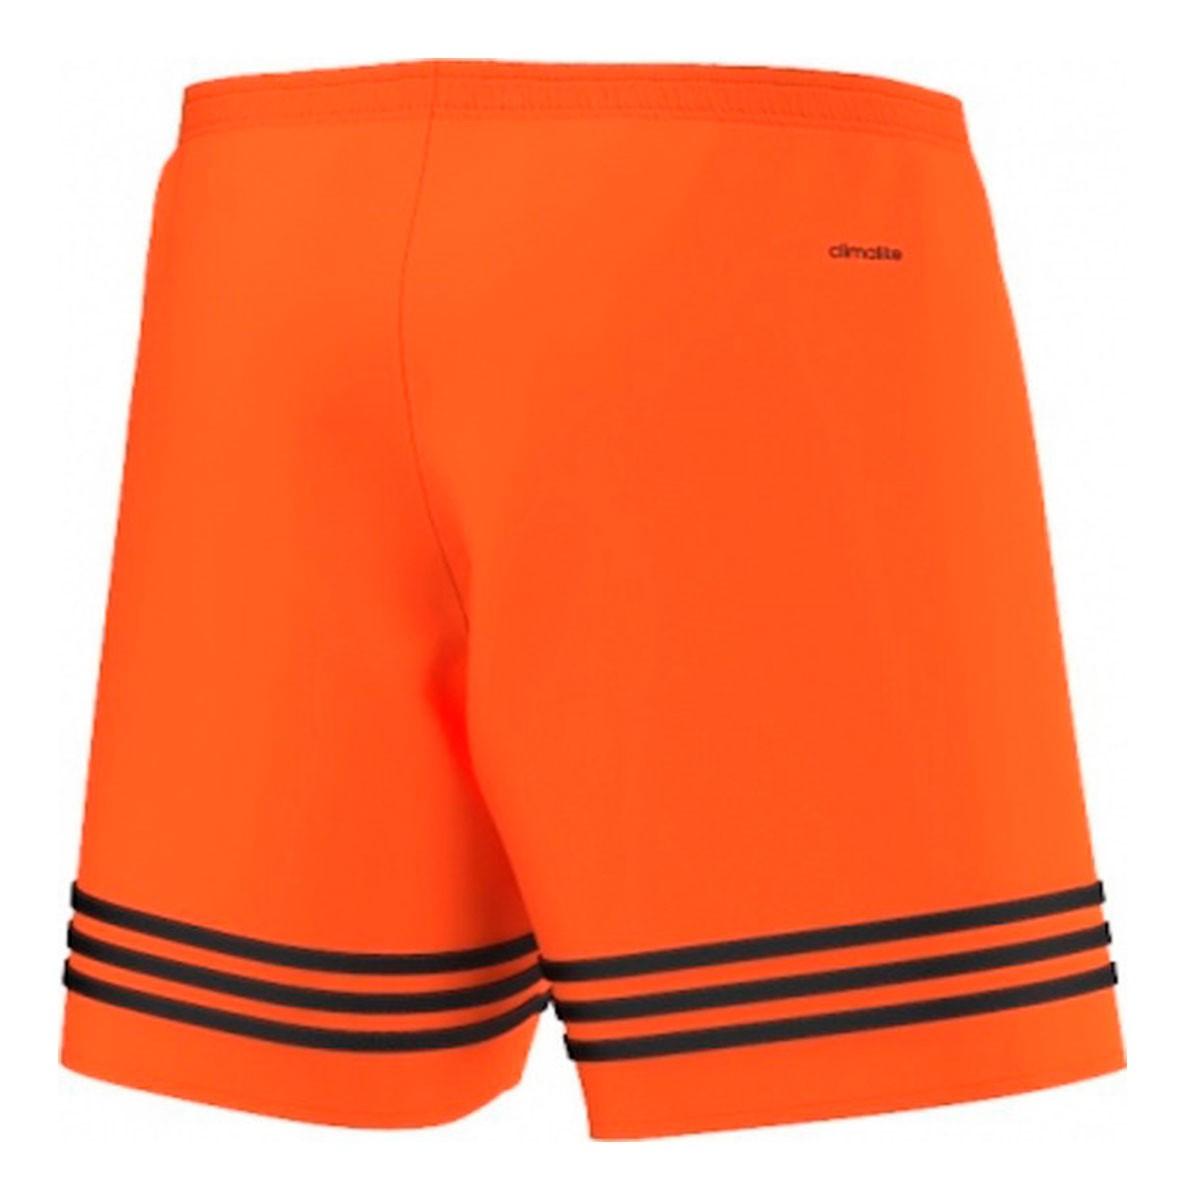 Short Adidas Entrada 14 Masculino Laranja